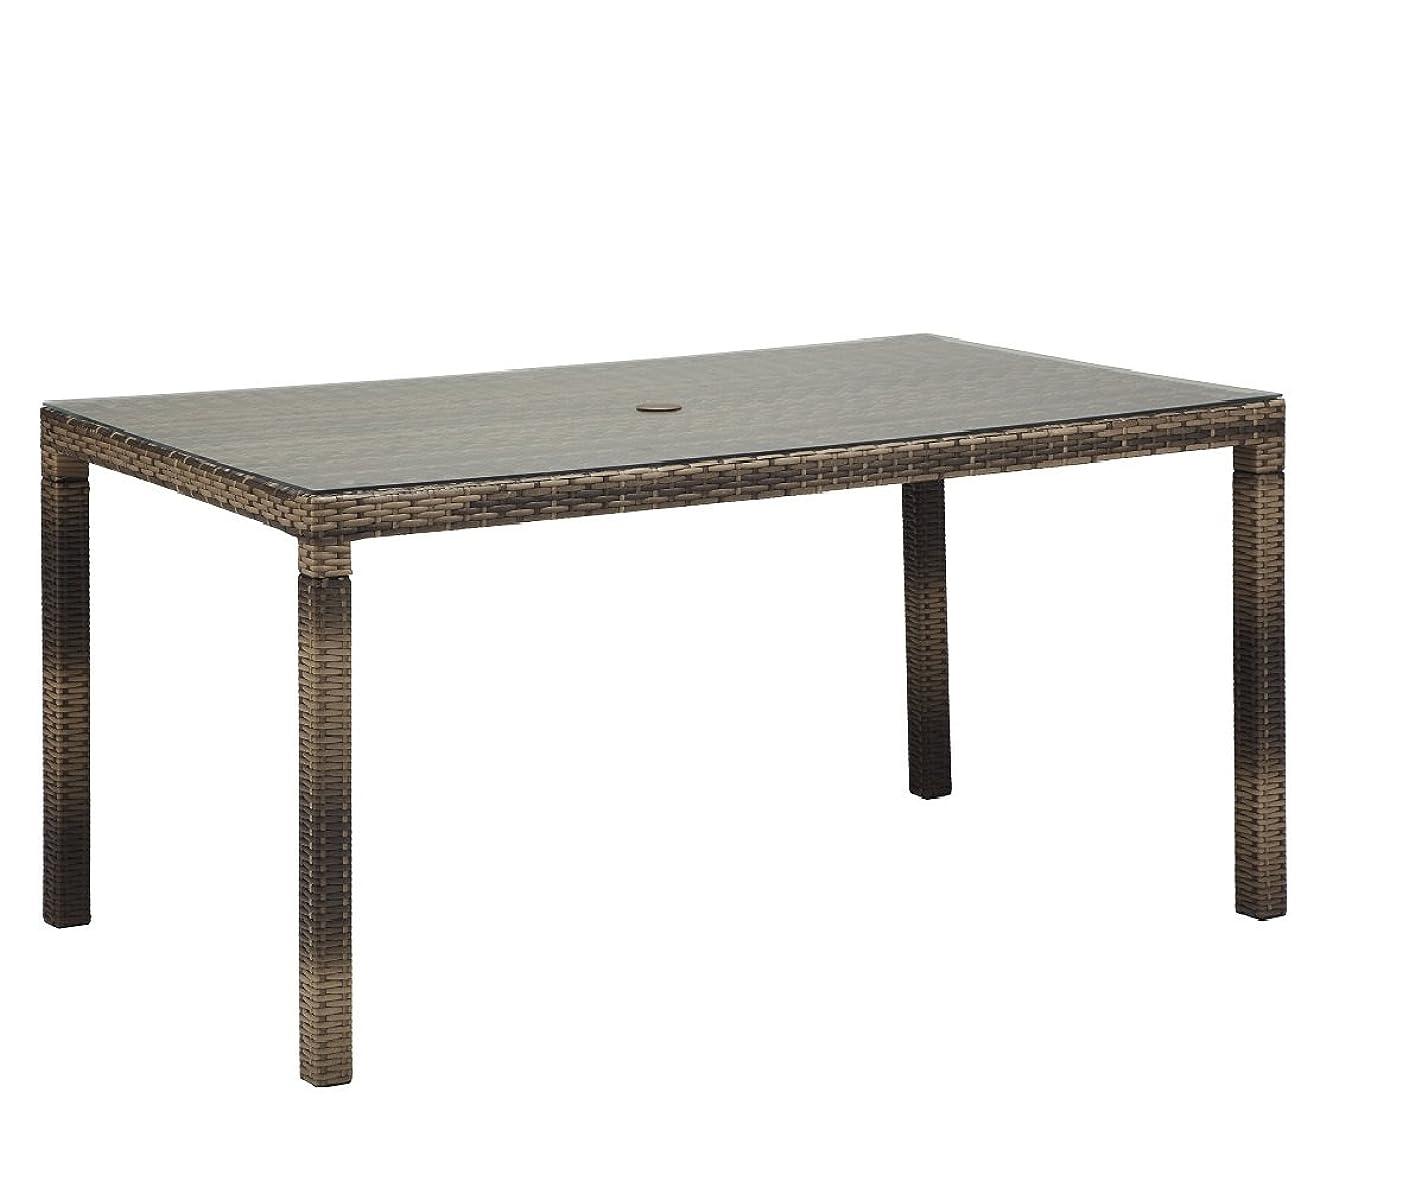 ヘルシー止まるなだめるPATIO PETITE パティオプティ SAHARA サハラ ダイニングテーブル ガラス天板付 6人掛け